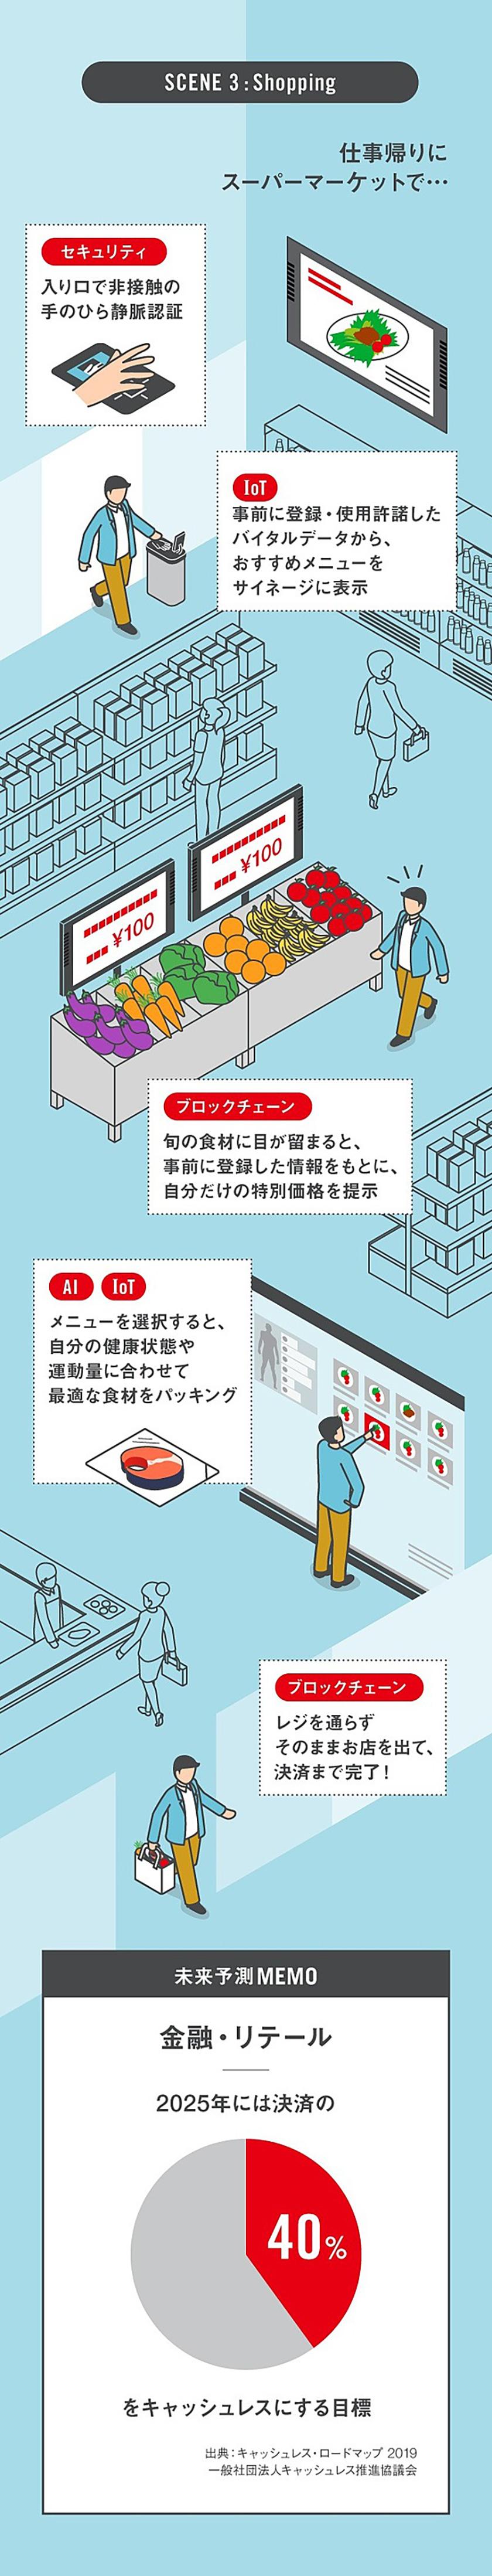 図 : シーン3 ショッピング テクノロジー:セキュリティ 店の入り口に設置された機械で非接触の手のひら静脈認証を行う テクノロジー:IoT 事前に登録・使用許諾したバイタルデータをもとに、おすすめメニューをサイネージに表示 テクノロジー:ブロックチェーン 旬の食材に目が留まると、事前に登録した情報をもとに、自分だけの特別価格を提示 テクノロジー:AI、IoT メニューを選択すると、自分の健康状態や運動量に合わせて最適な食材をパッキング テクノロジー:ブロックチェーン レジを通らずそのままお店を出て、決済まで完了! 未来予測メモ 金融・リテール 2025年には決済の40%をキャッシュレスにする目標(出典:キャッシュレス・ロードマップ2019 一般社団法人キャッシュレス推進協議会)